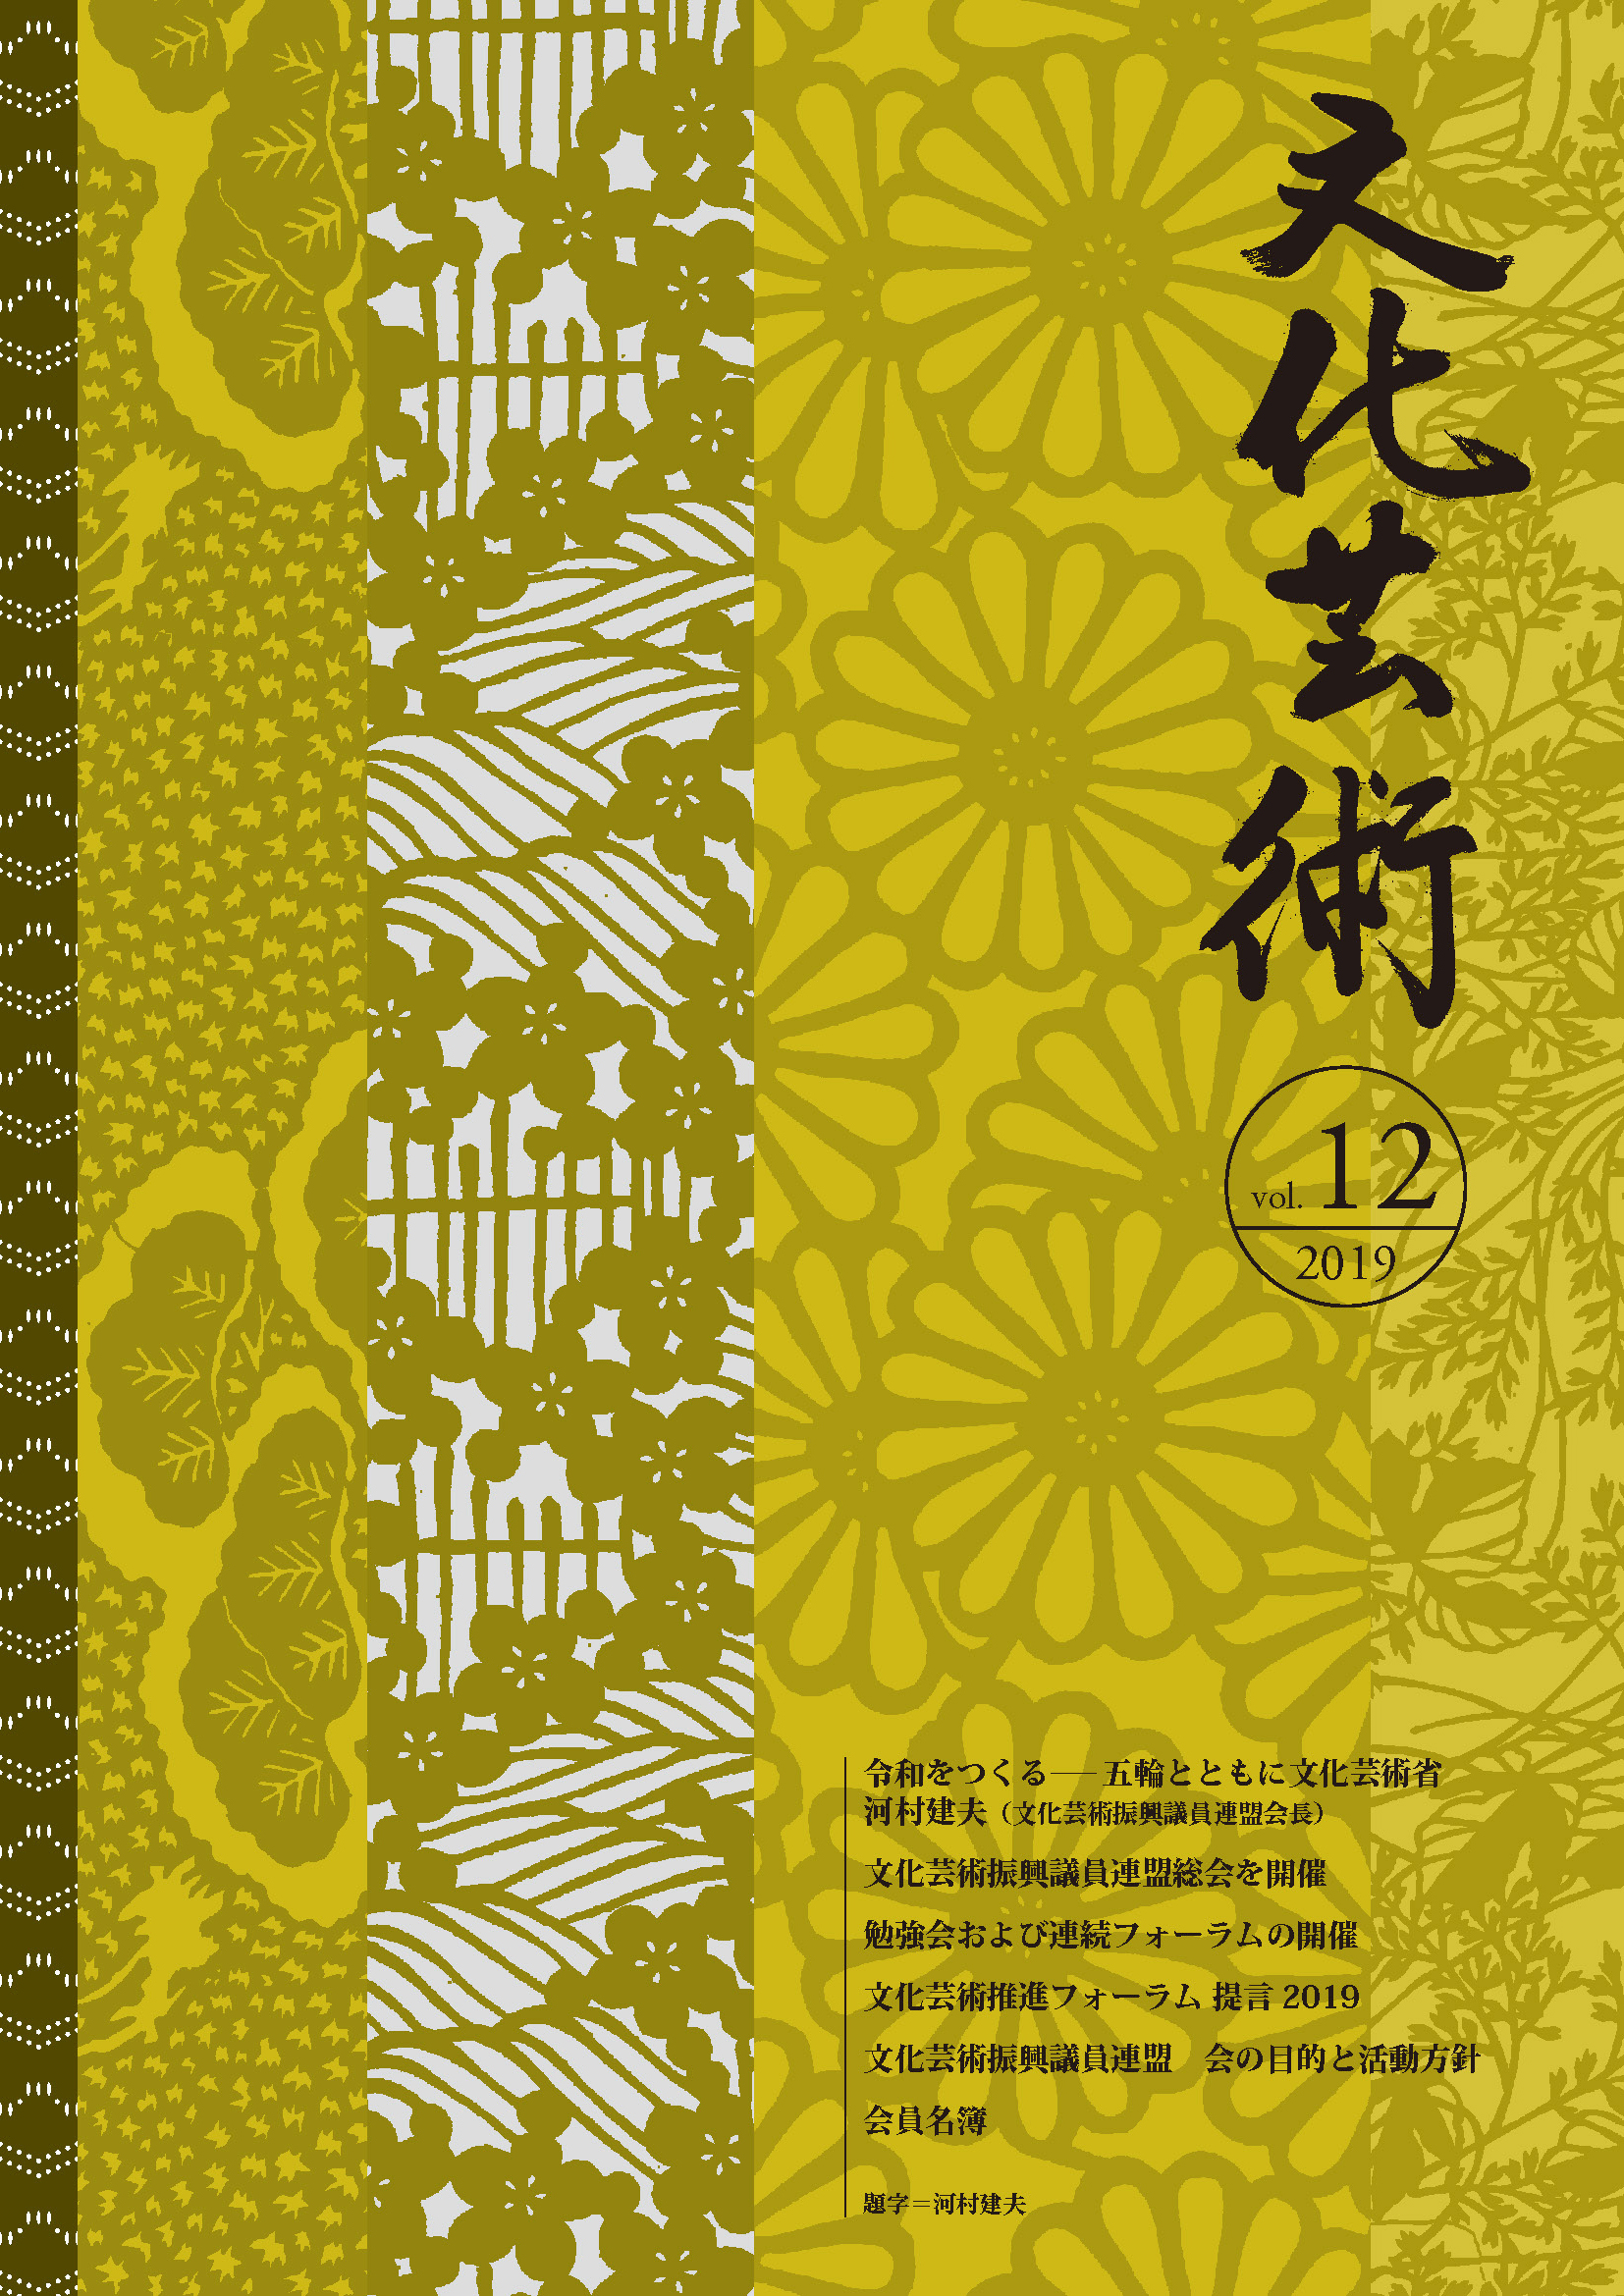 文化芸術vol.12